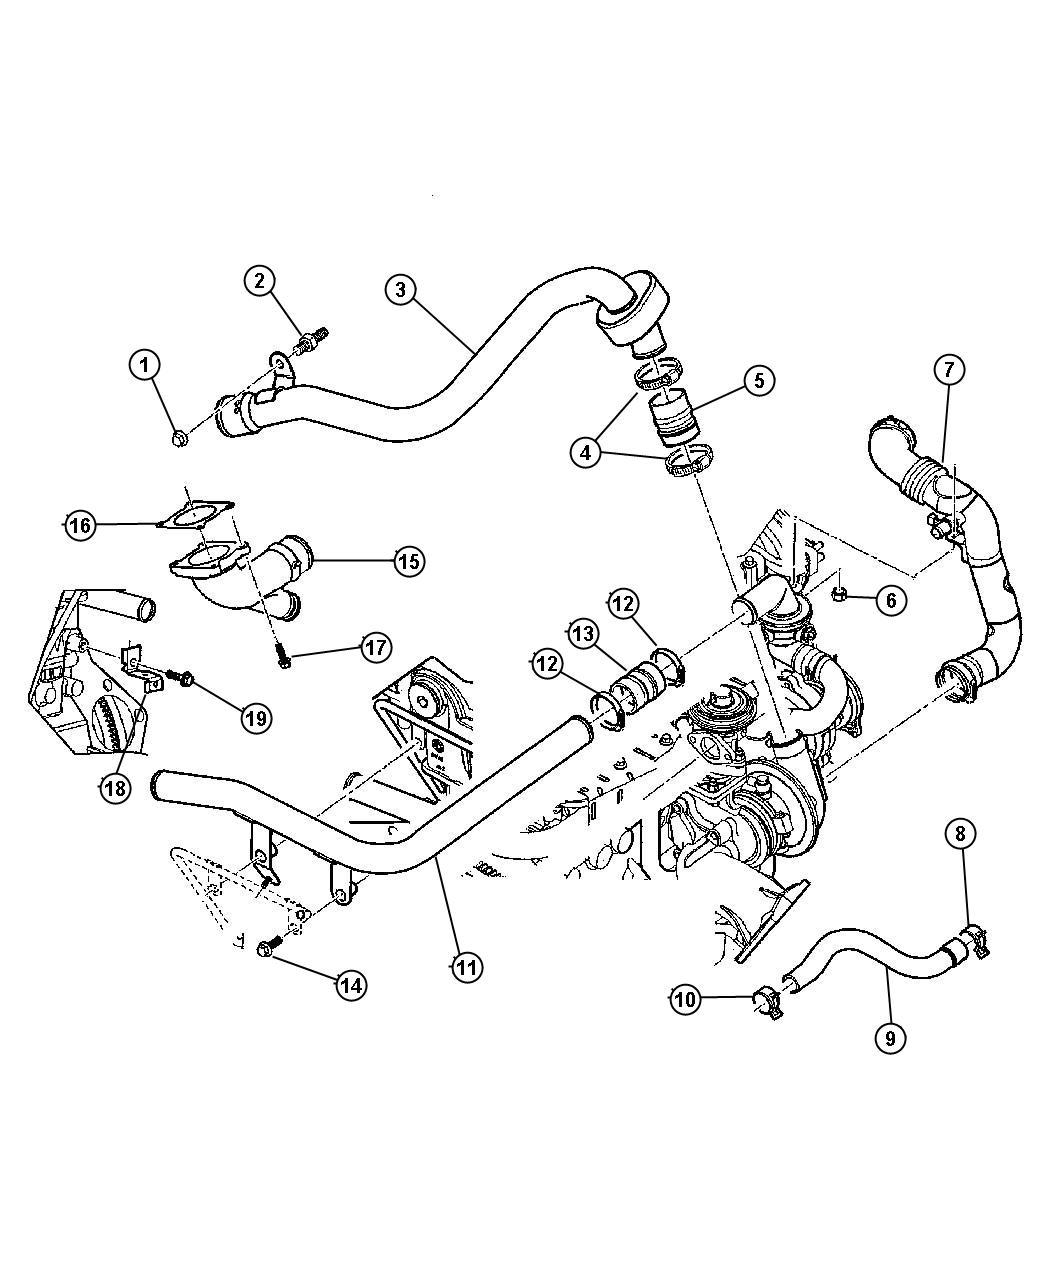 2012 Dodge Grand Caravan CREW 3.6L V6 Connector. Repairs